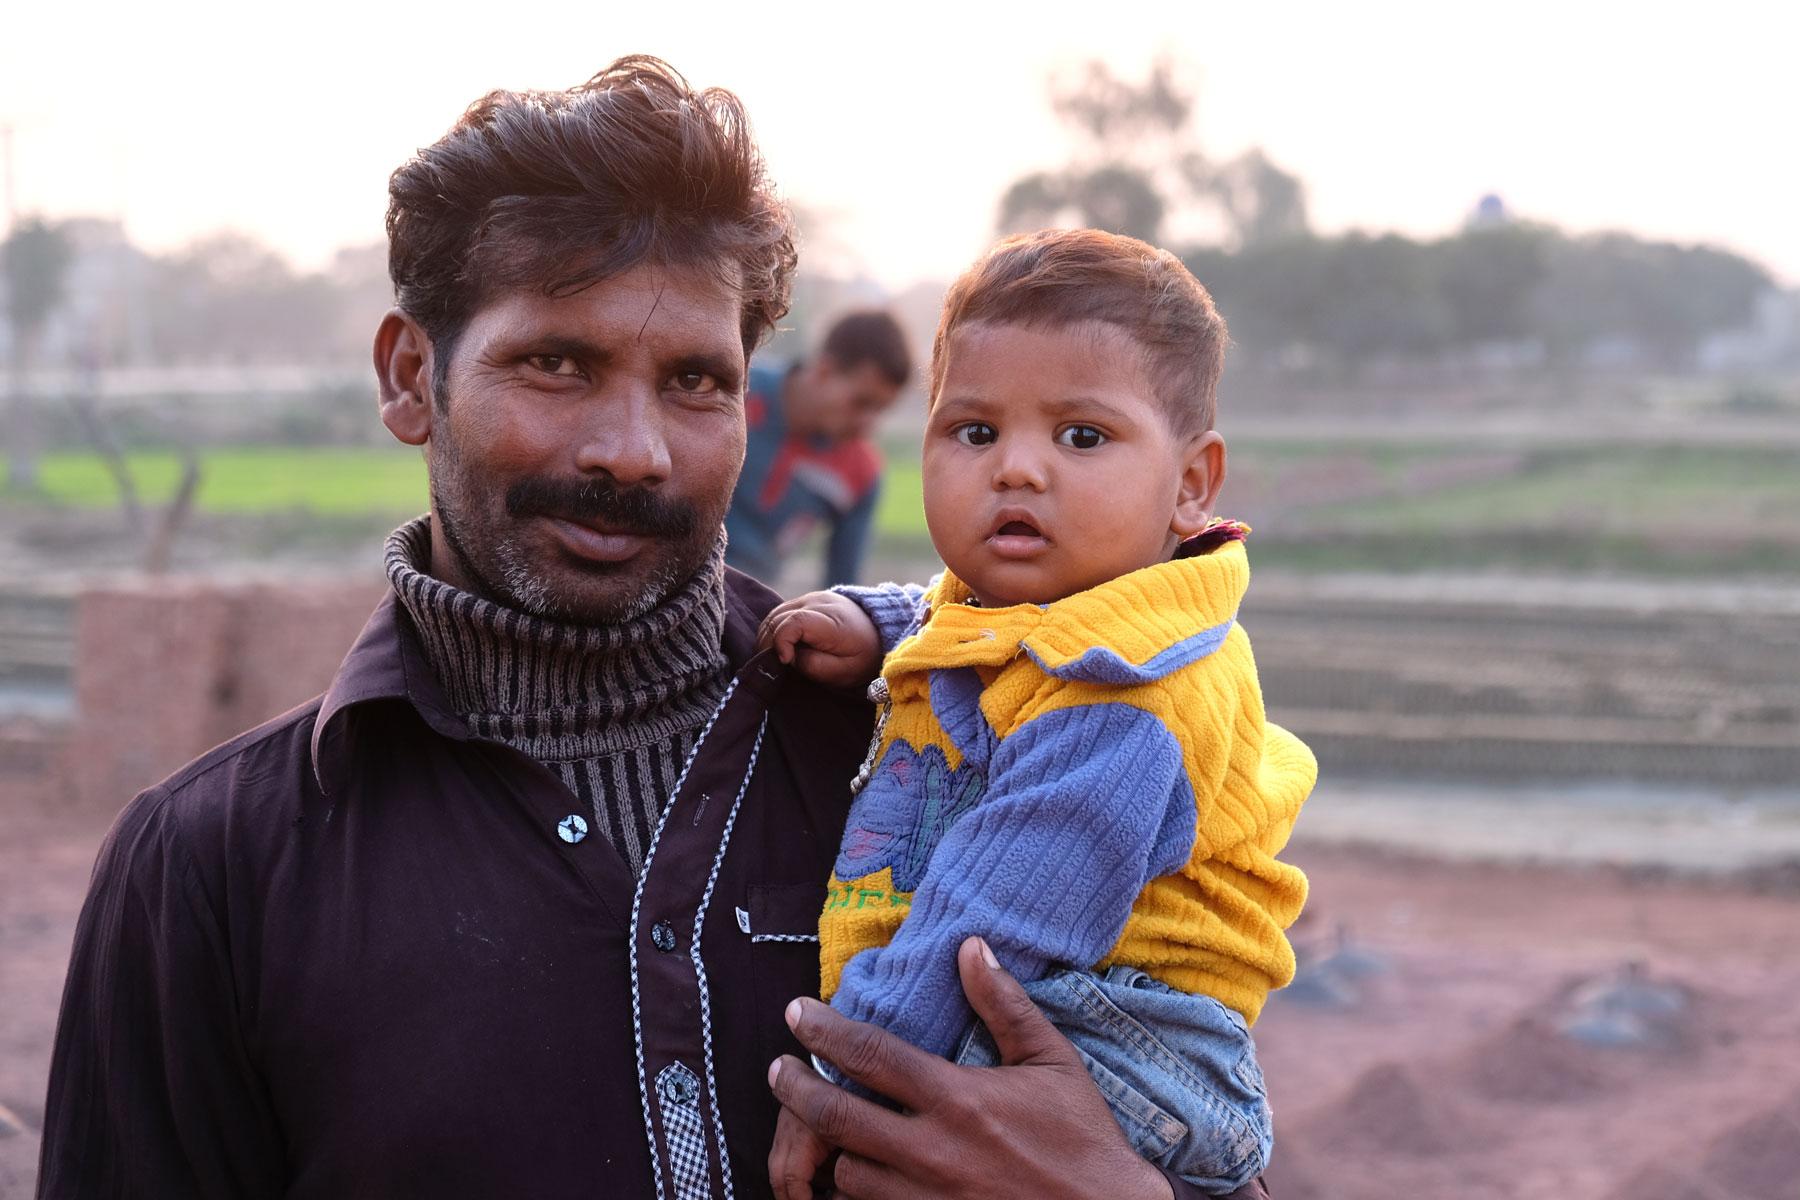 Ein pakistanischer Mann hält ein Kleinkind auf dem Arm.